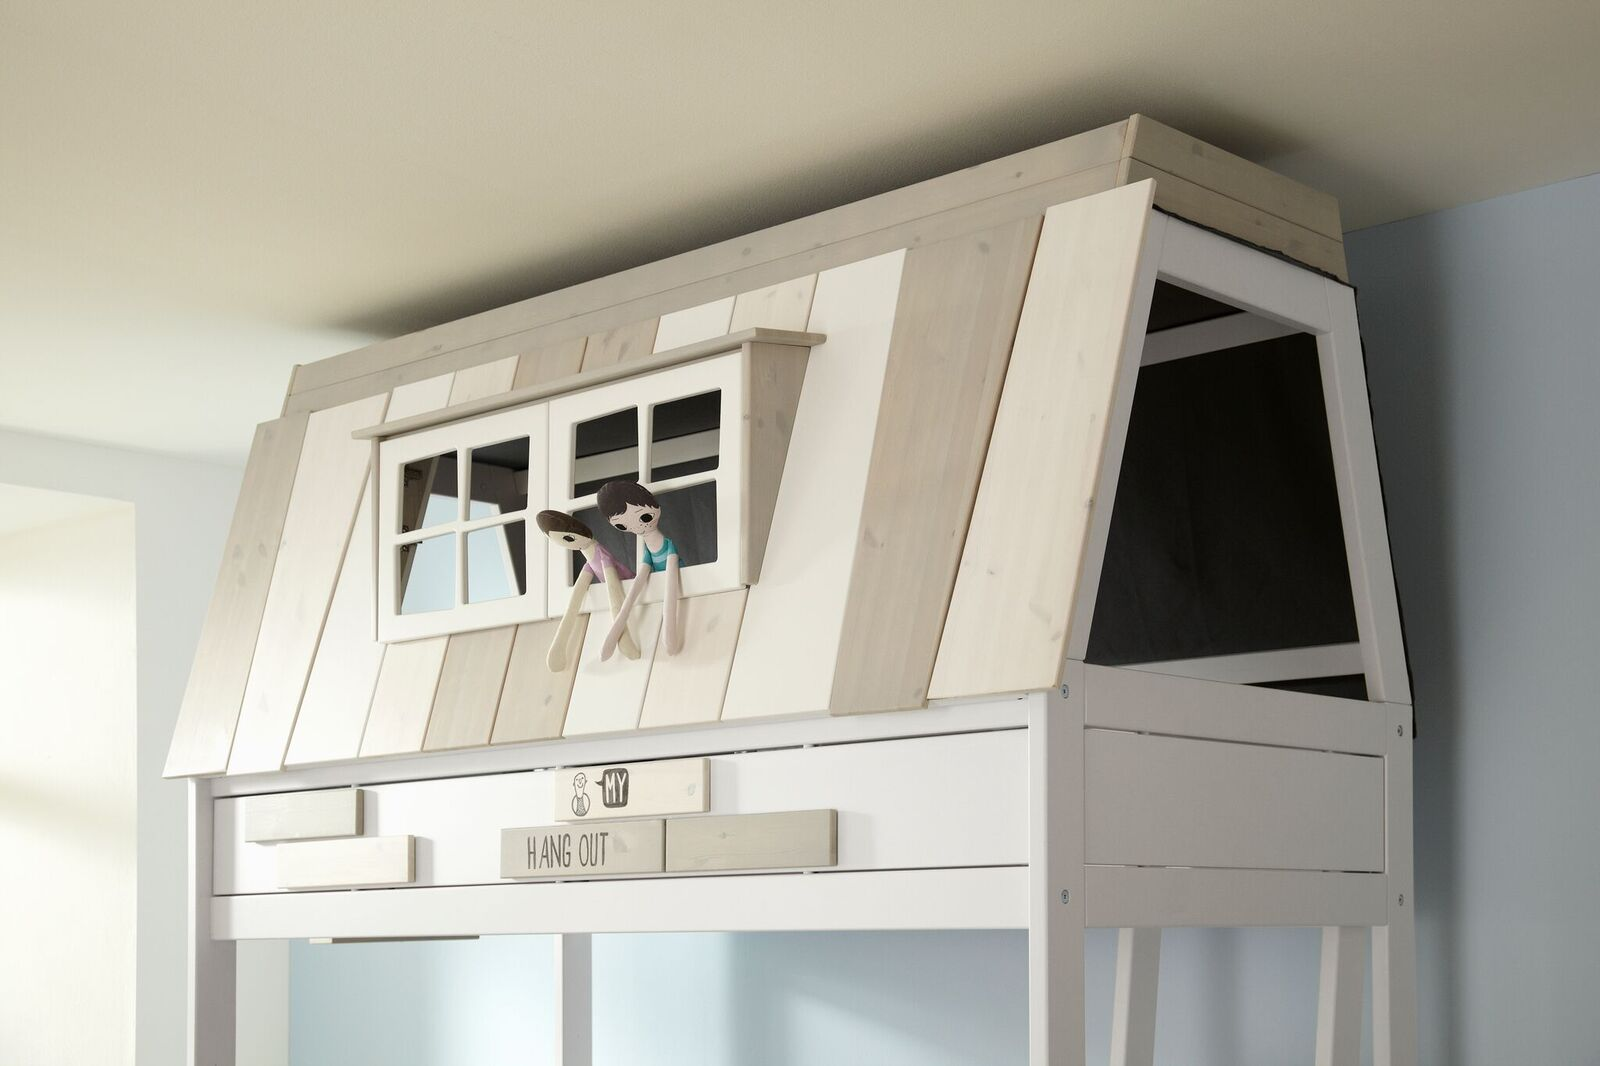 Abenteuerbett Hangout 90*200 cm weiß LIFETIME inklusive Dachkonstruktion